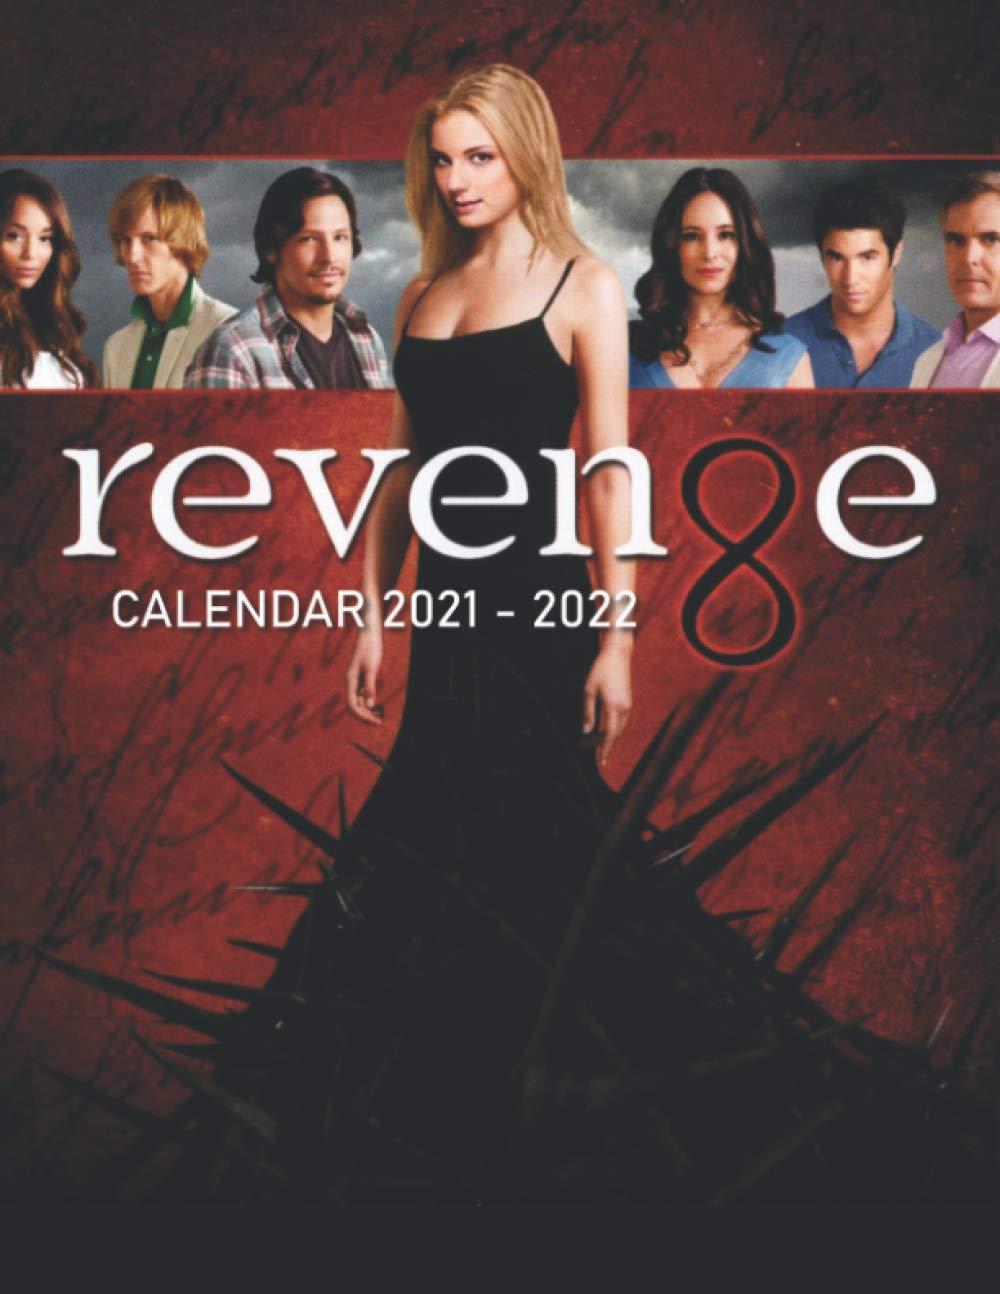 Amazing Calendar 2022.Amazon Com Revenge Calendar 2021 2022 Amazing Calendar For Fans 2 Years Calendar 9798583847099 Calendar Dasan Books